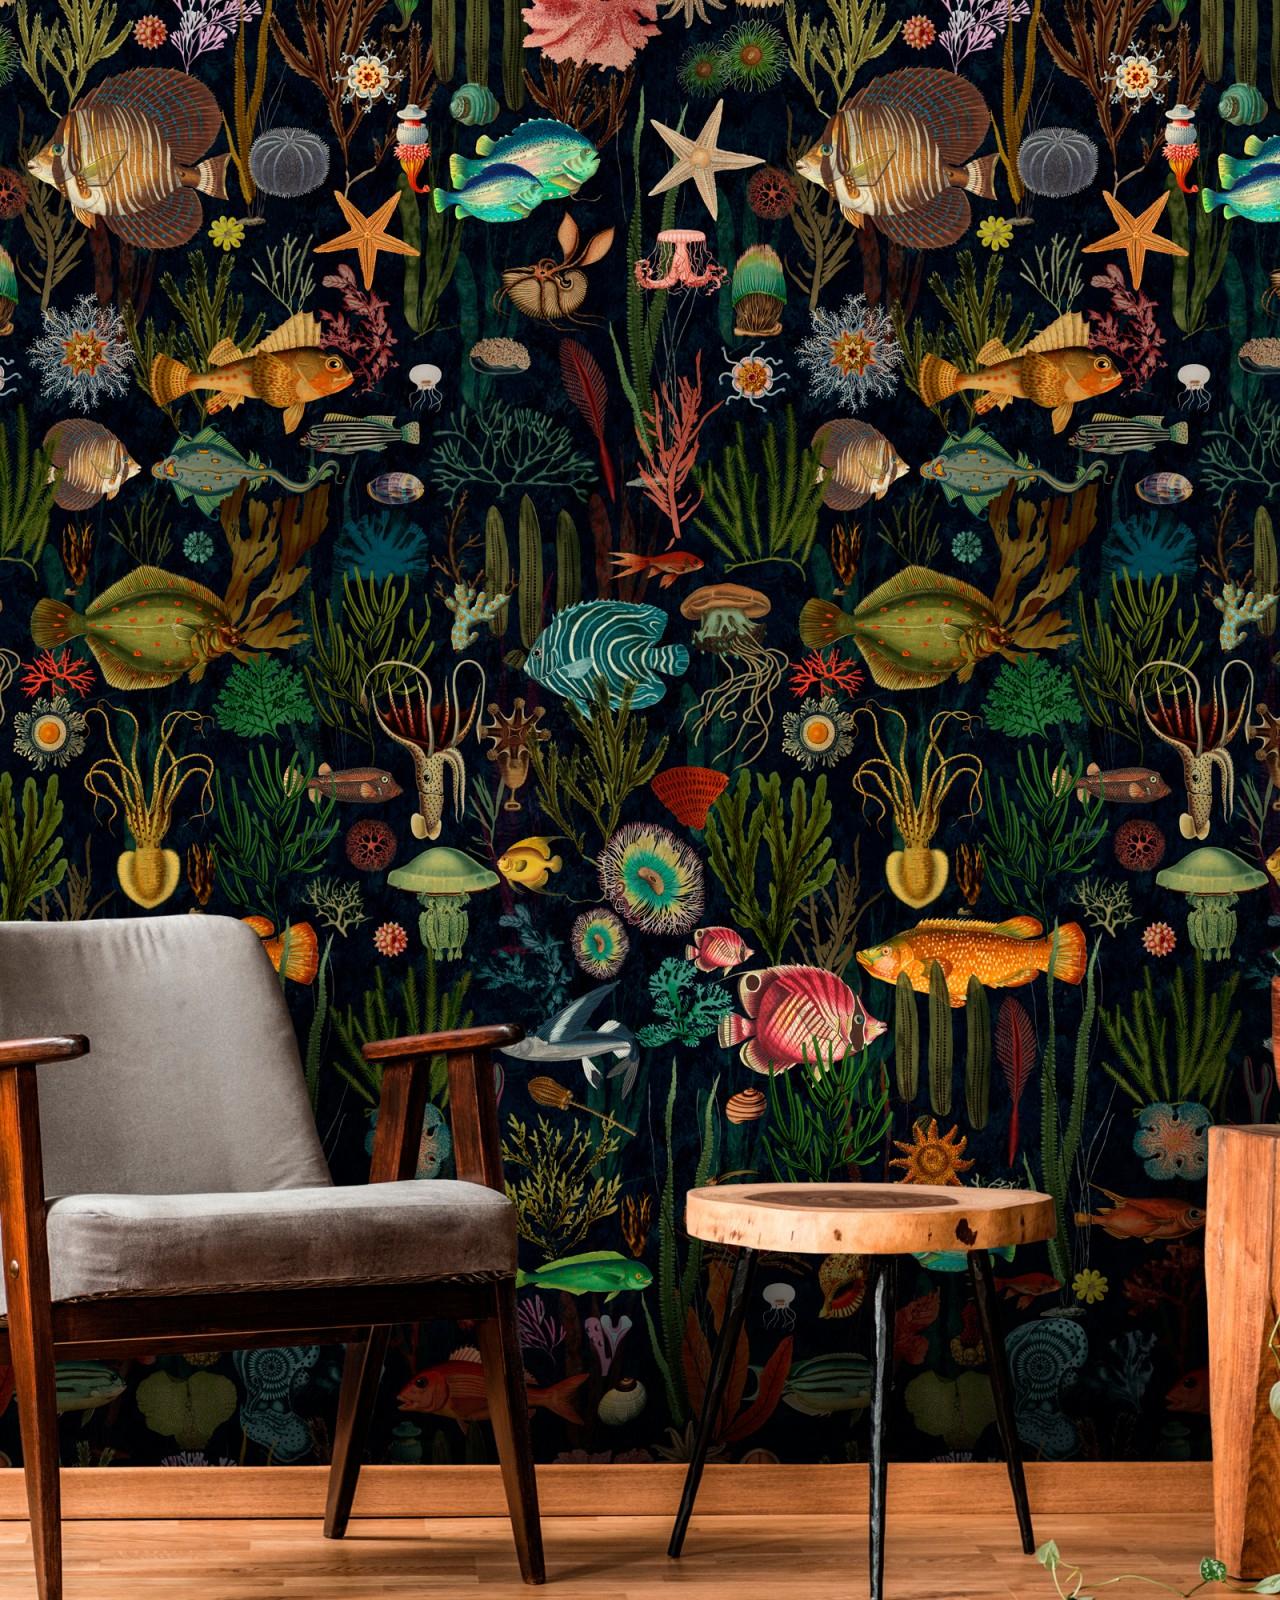 Oceania Wallpaper à Chaise Oceania